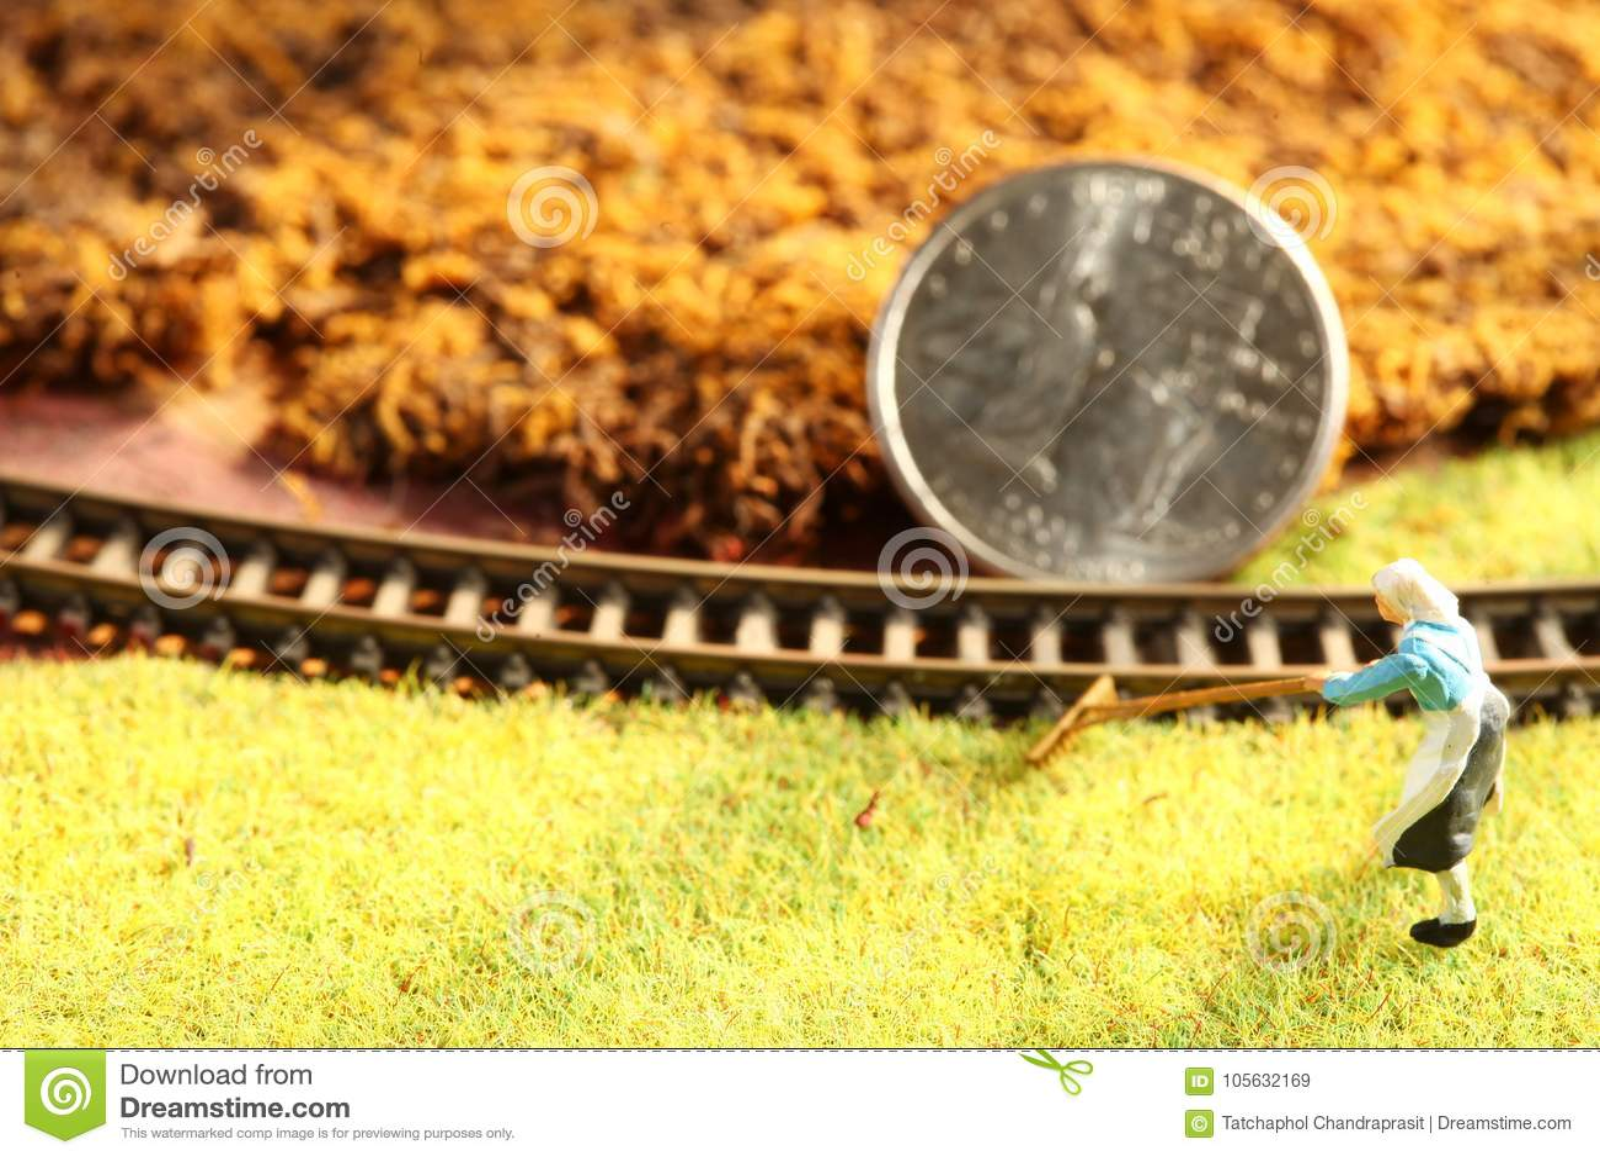 La moneda del dinero puso la escena modelo miniatura del ferrocarril